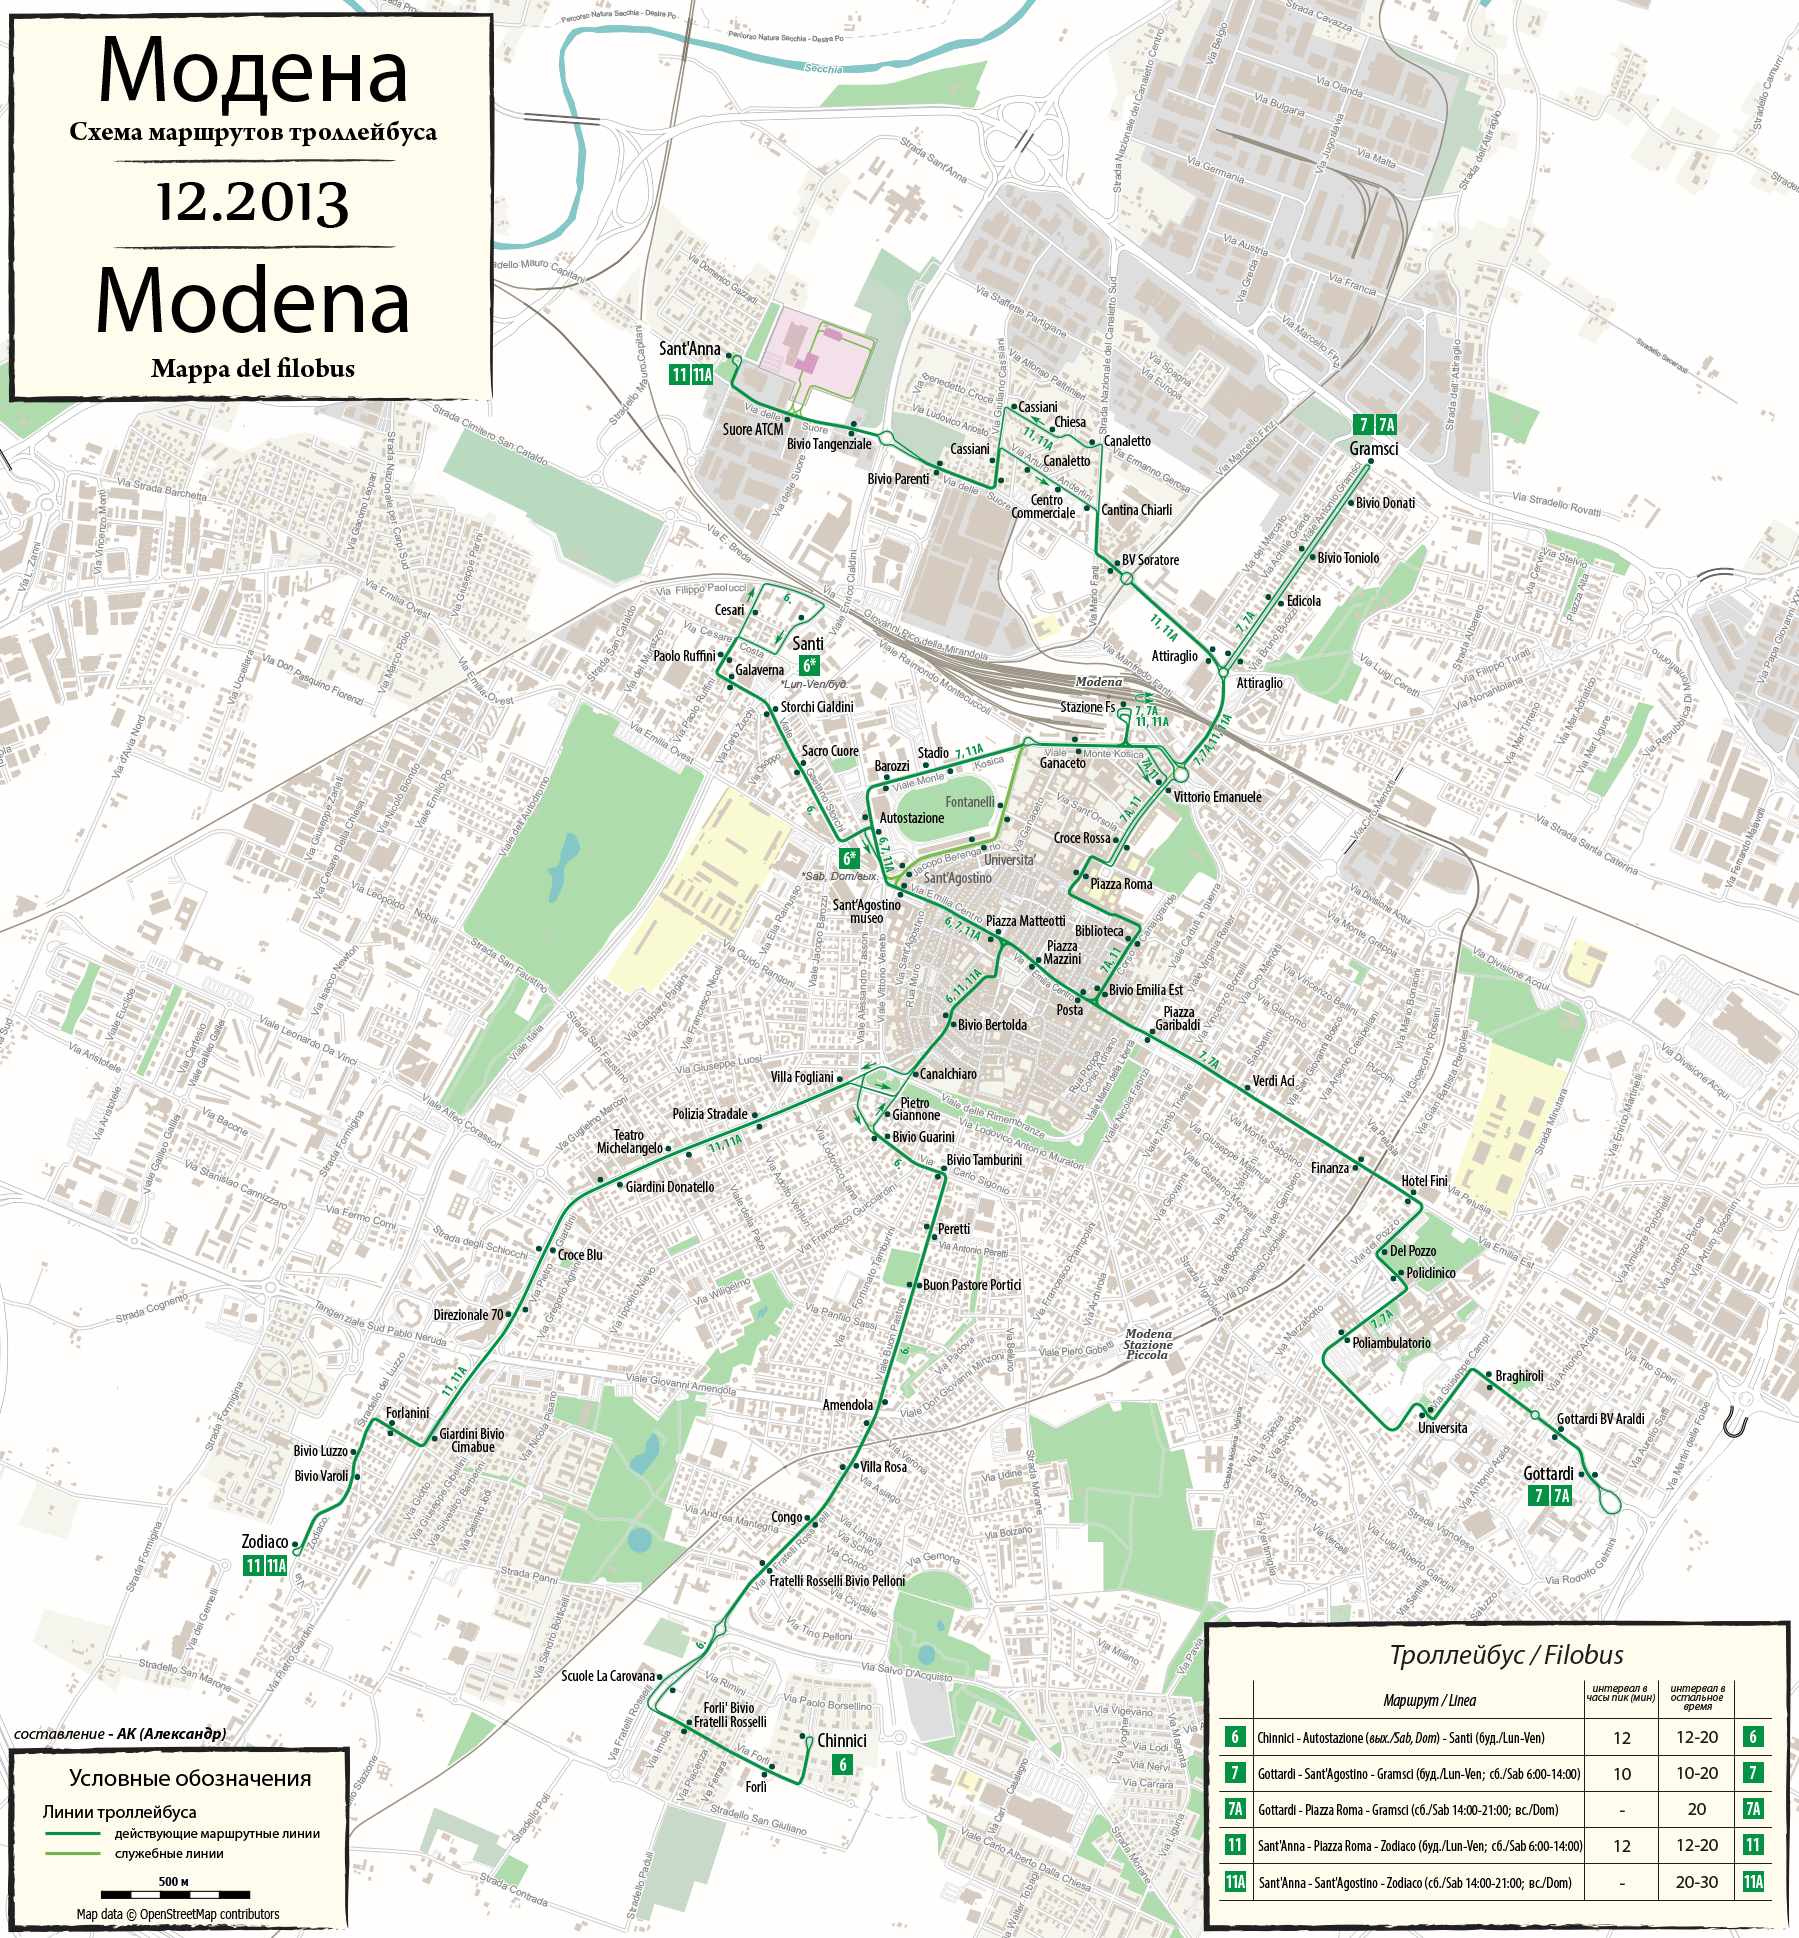 Modena Trolleybus Obus Trackless Trolley Coach ETB Filobus